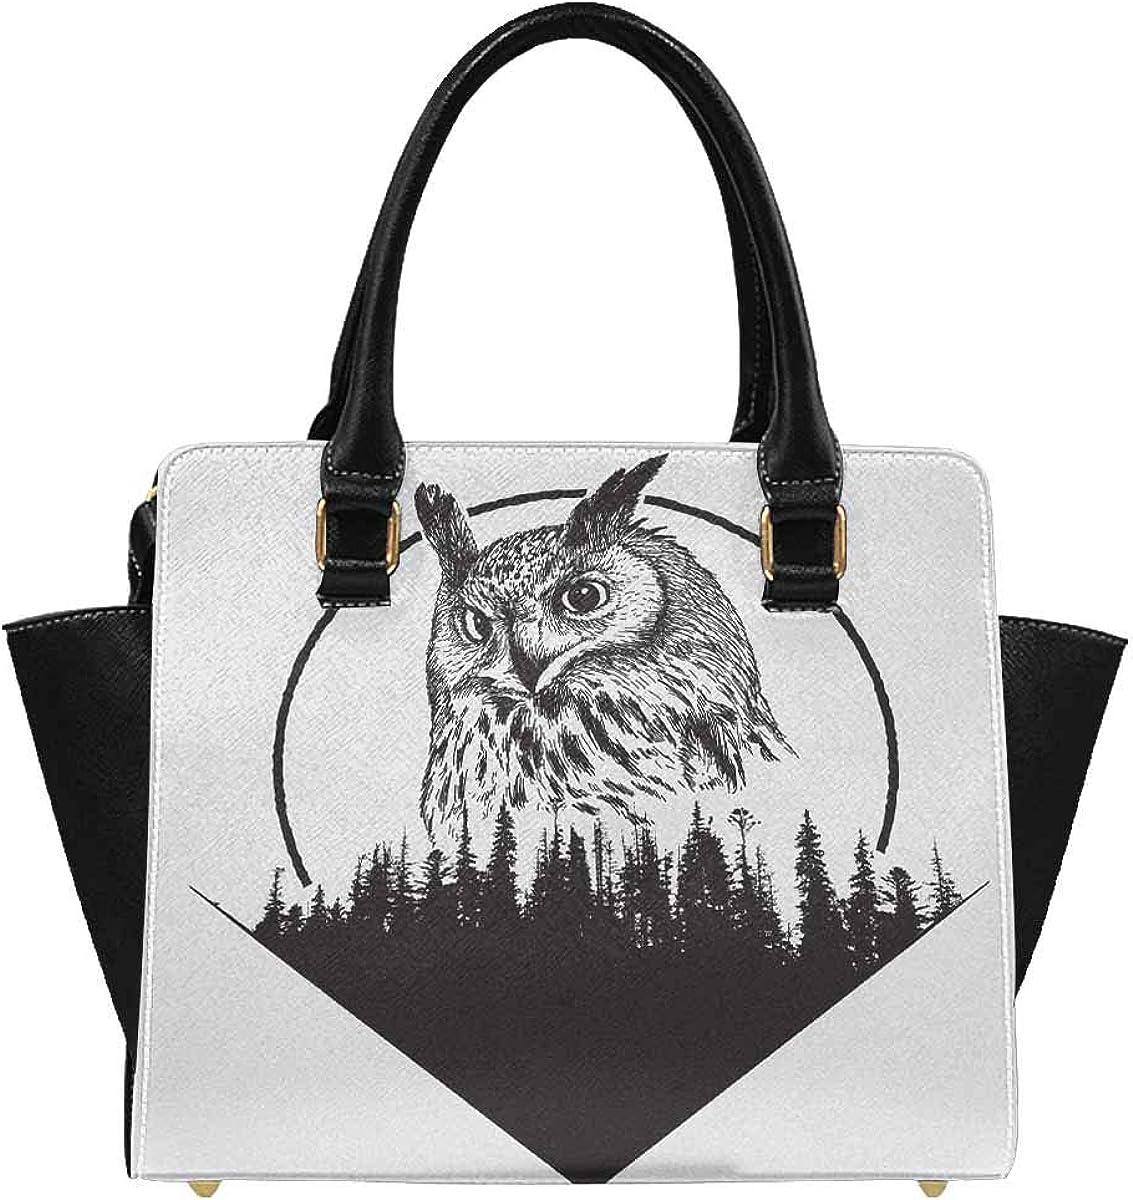 INTERESTPRINT Owl on Forest Rivet Shoulder Handbag Tote Bags Wallets